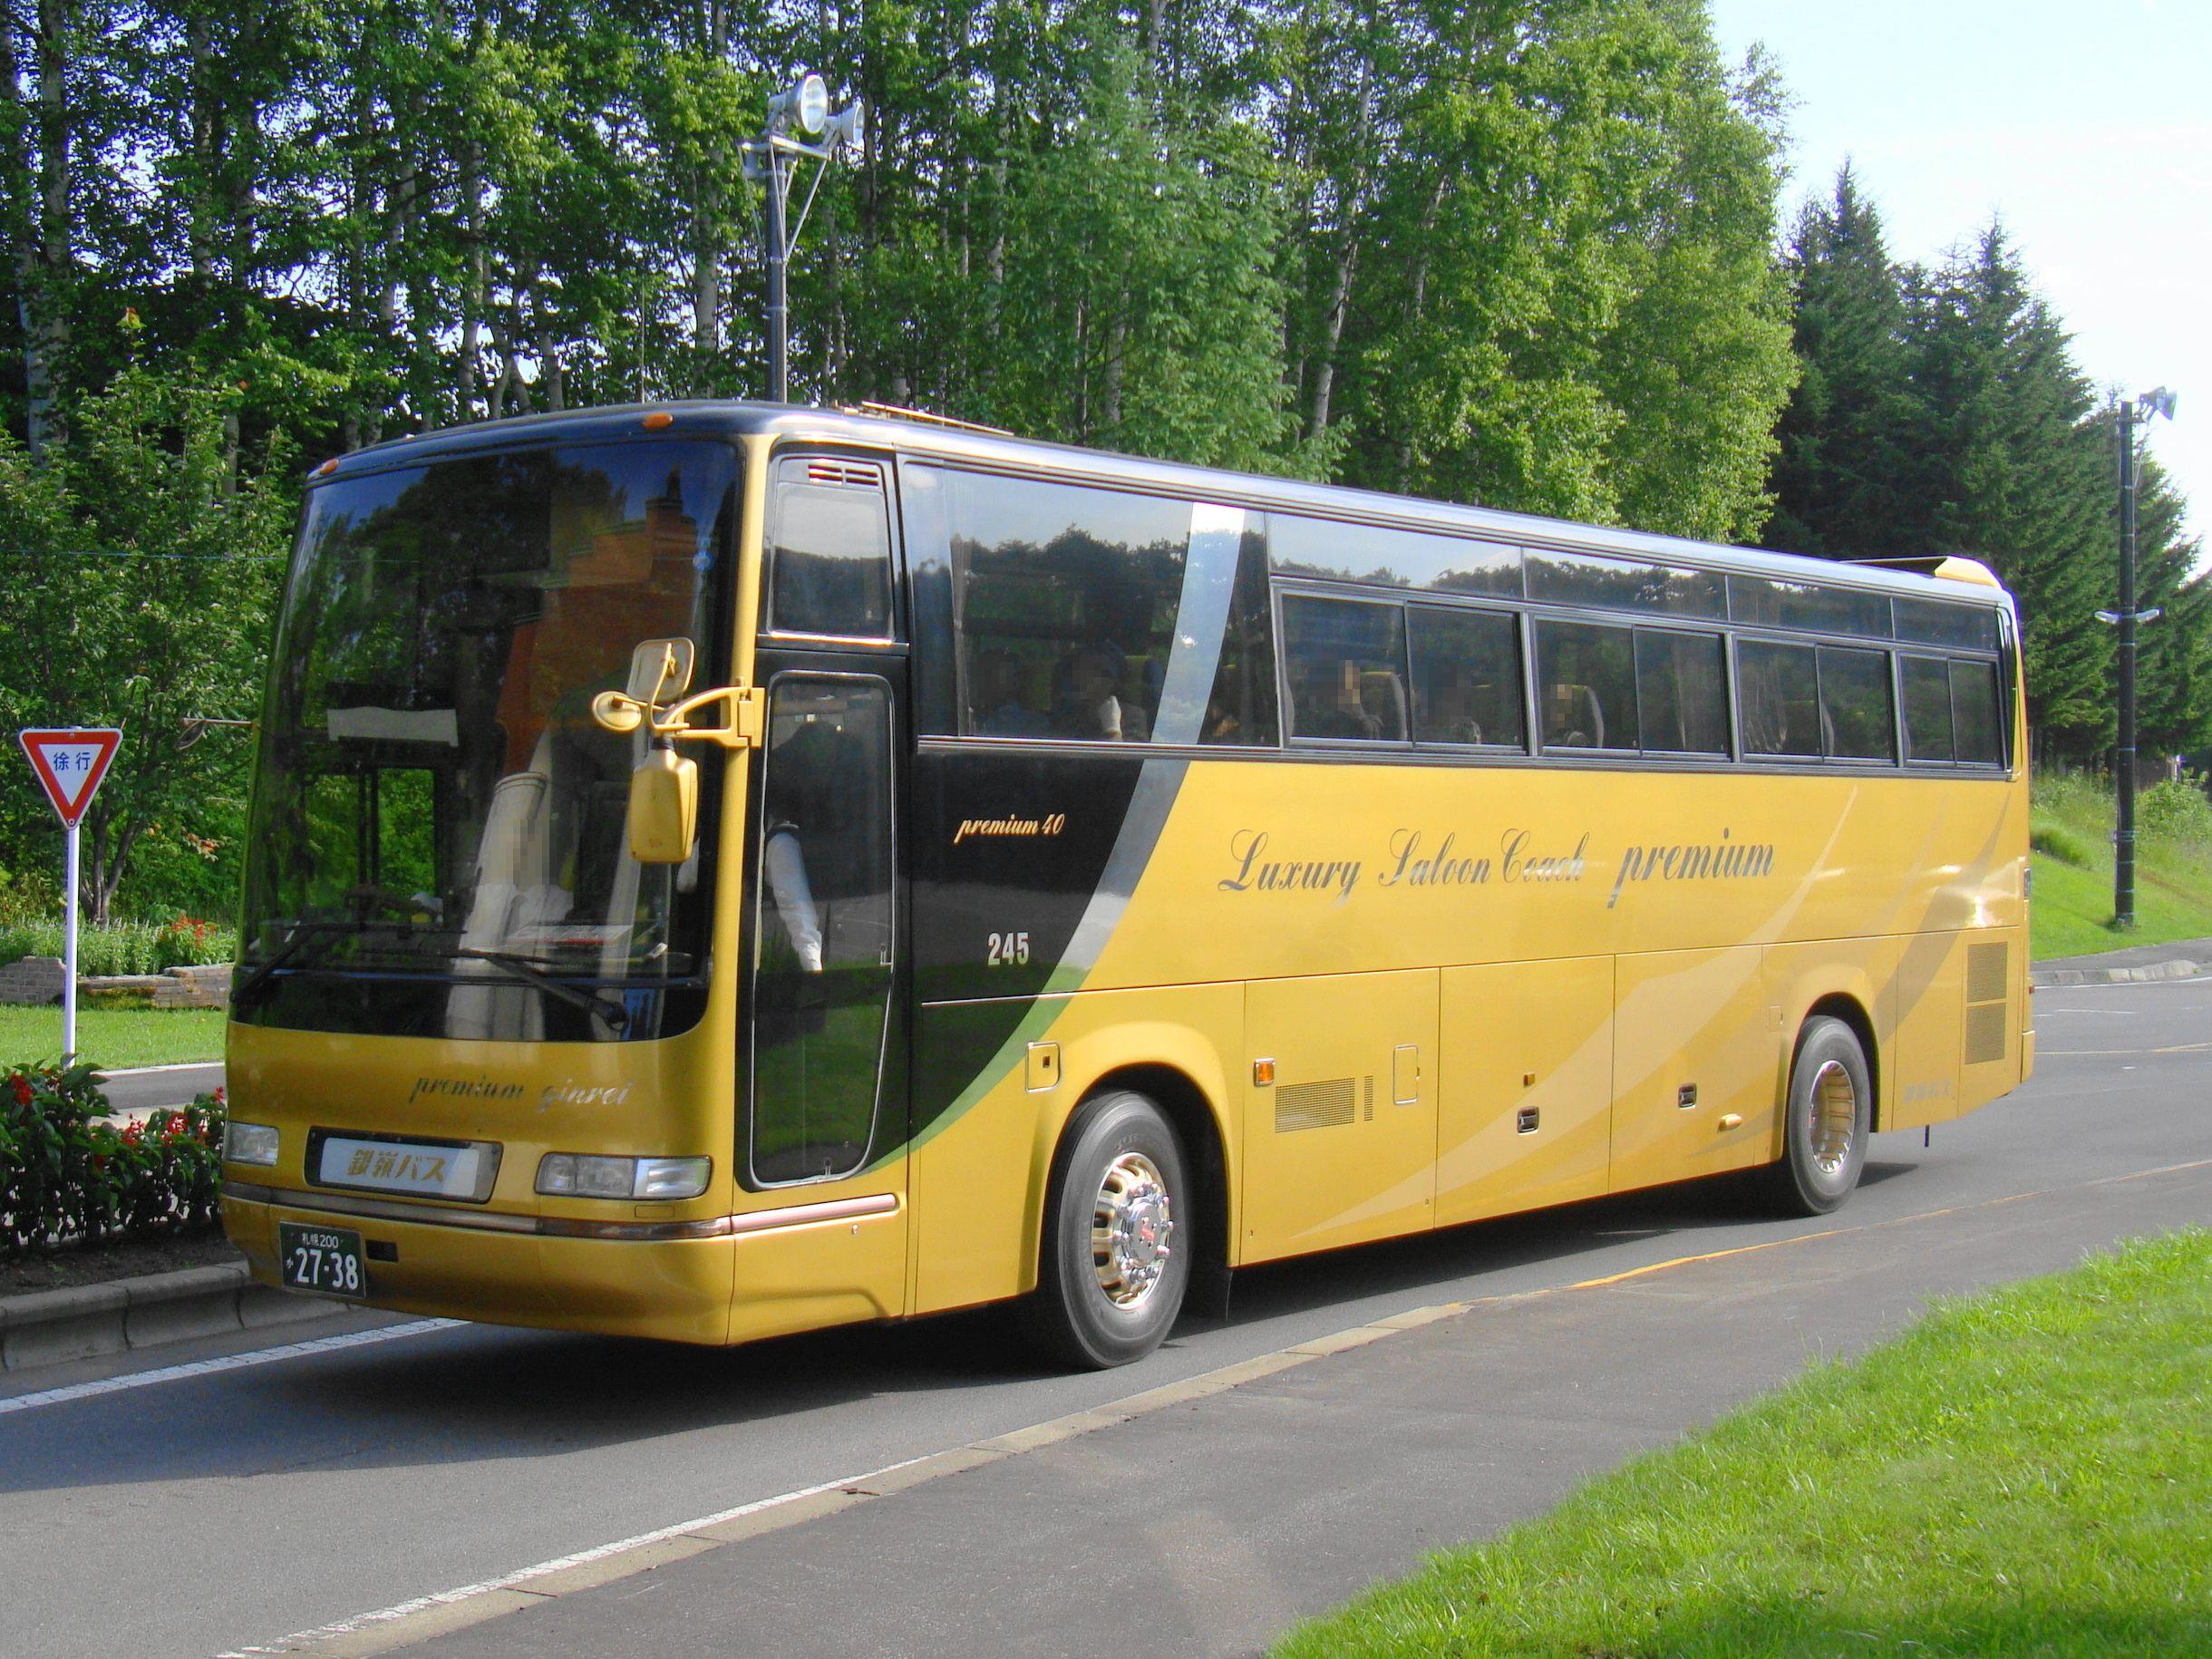 File:Ginrei bus S200F 2738.JPG